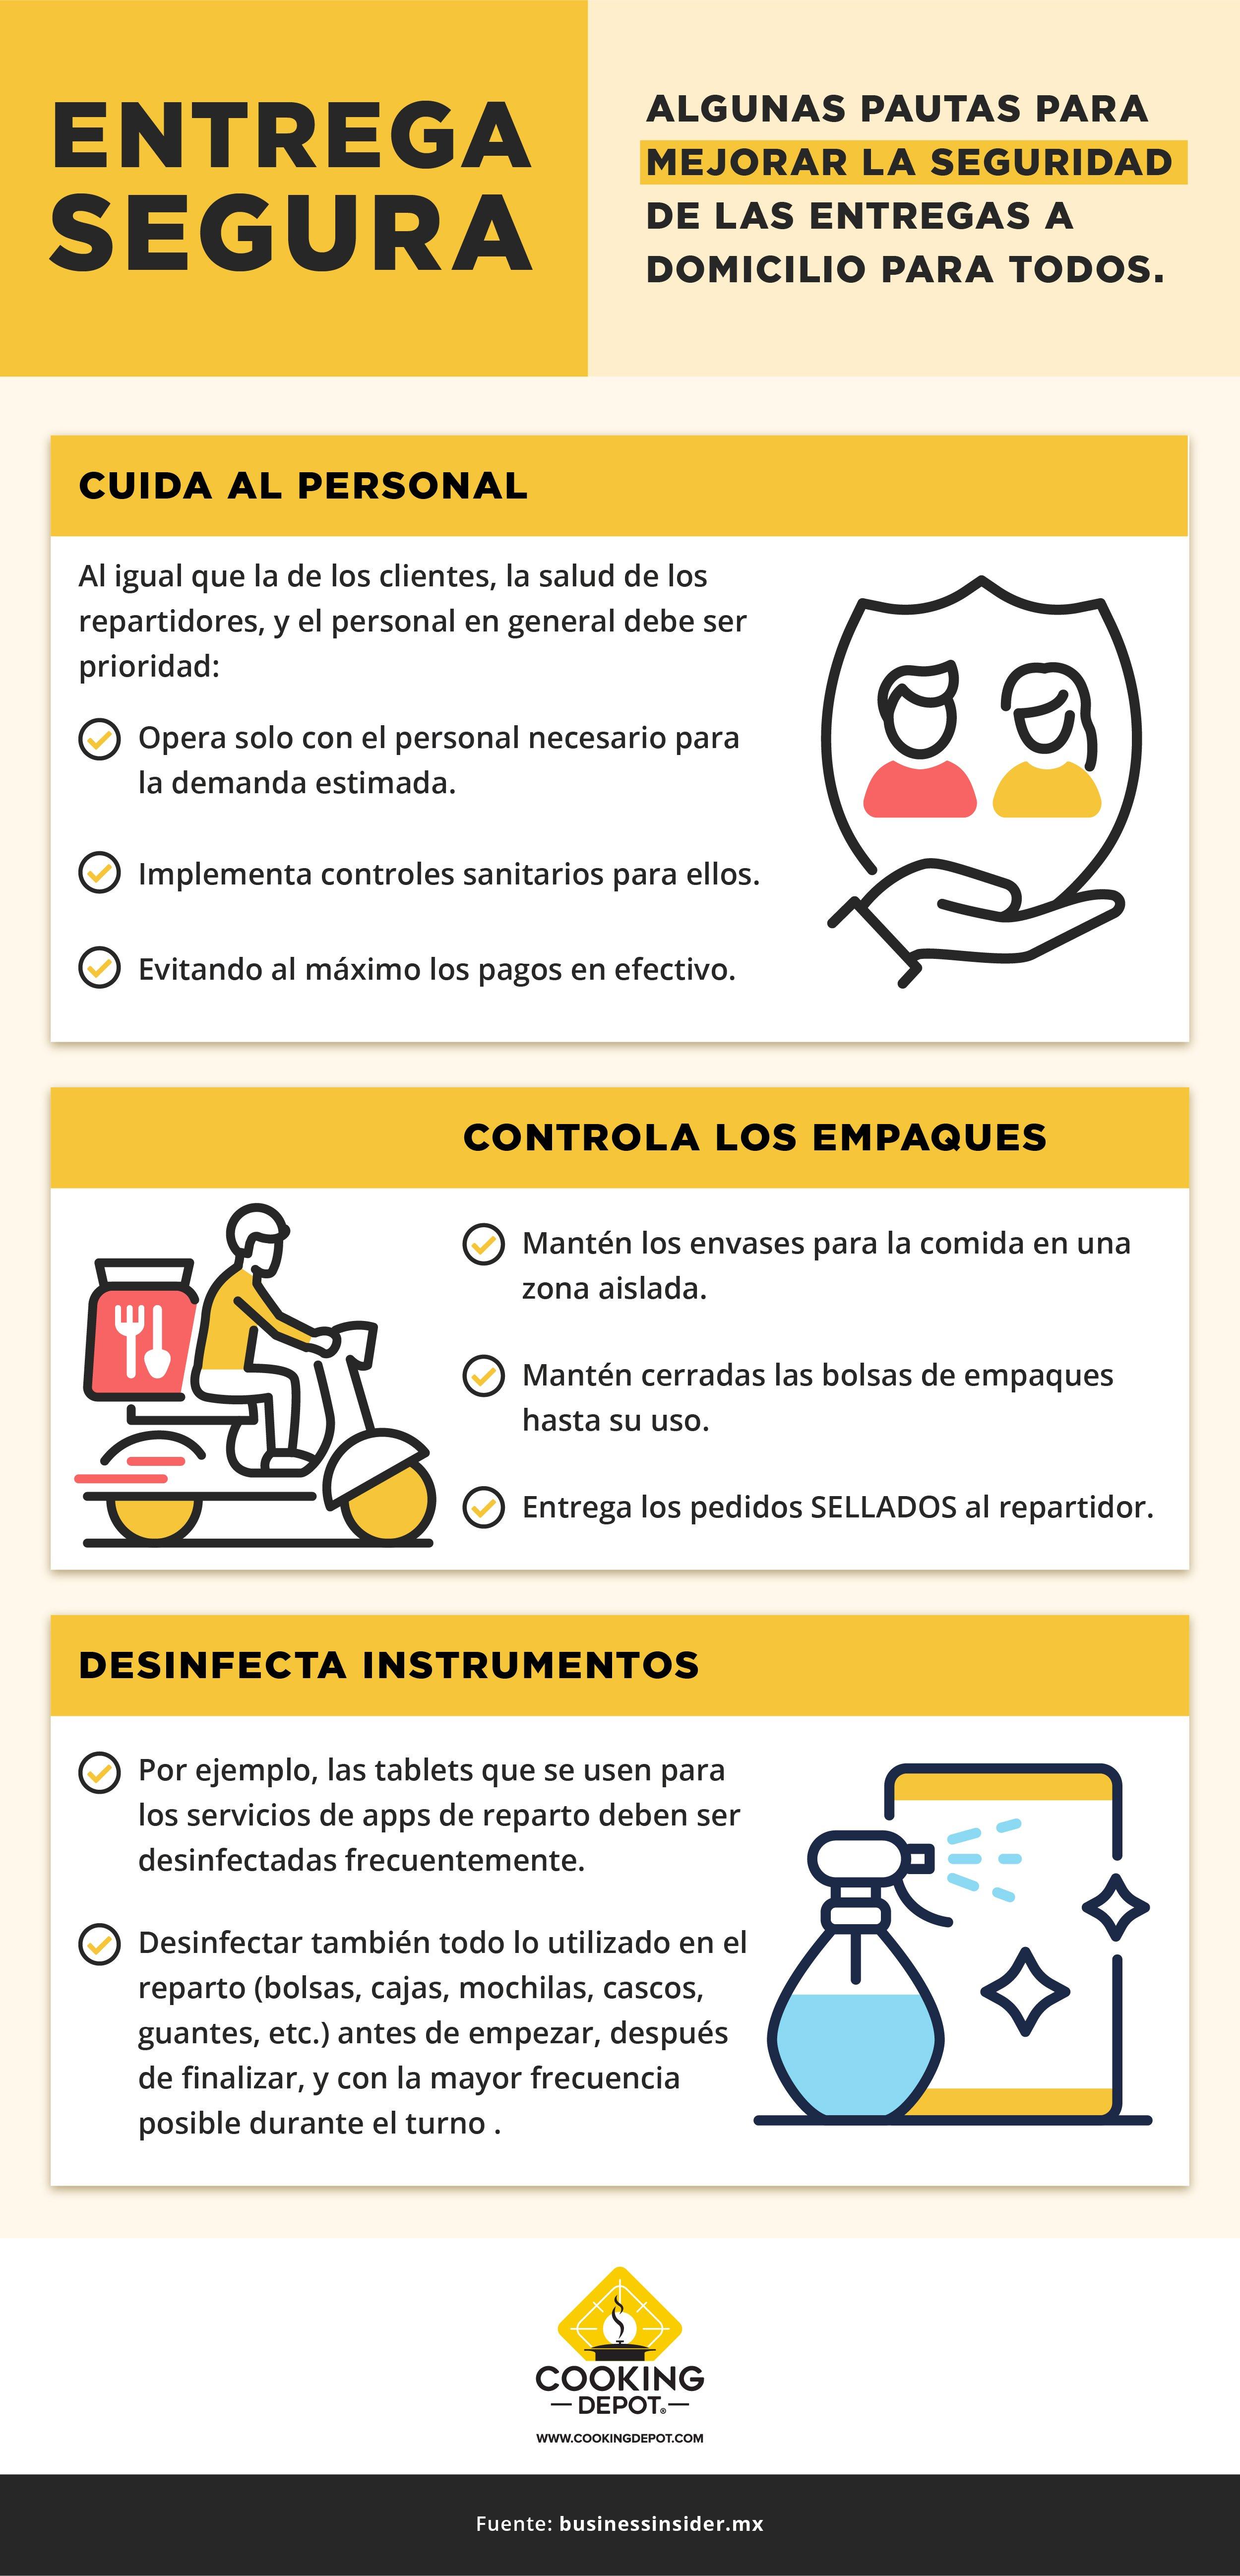 CD-S25-B4-Entrega Segura-Infografía